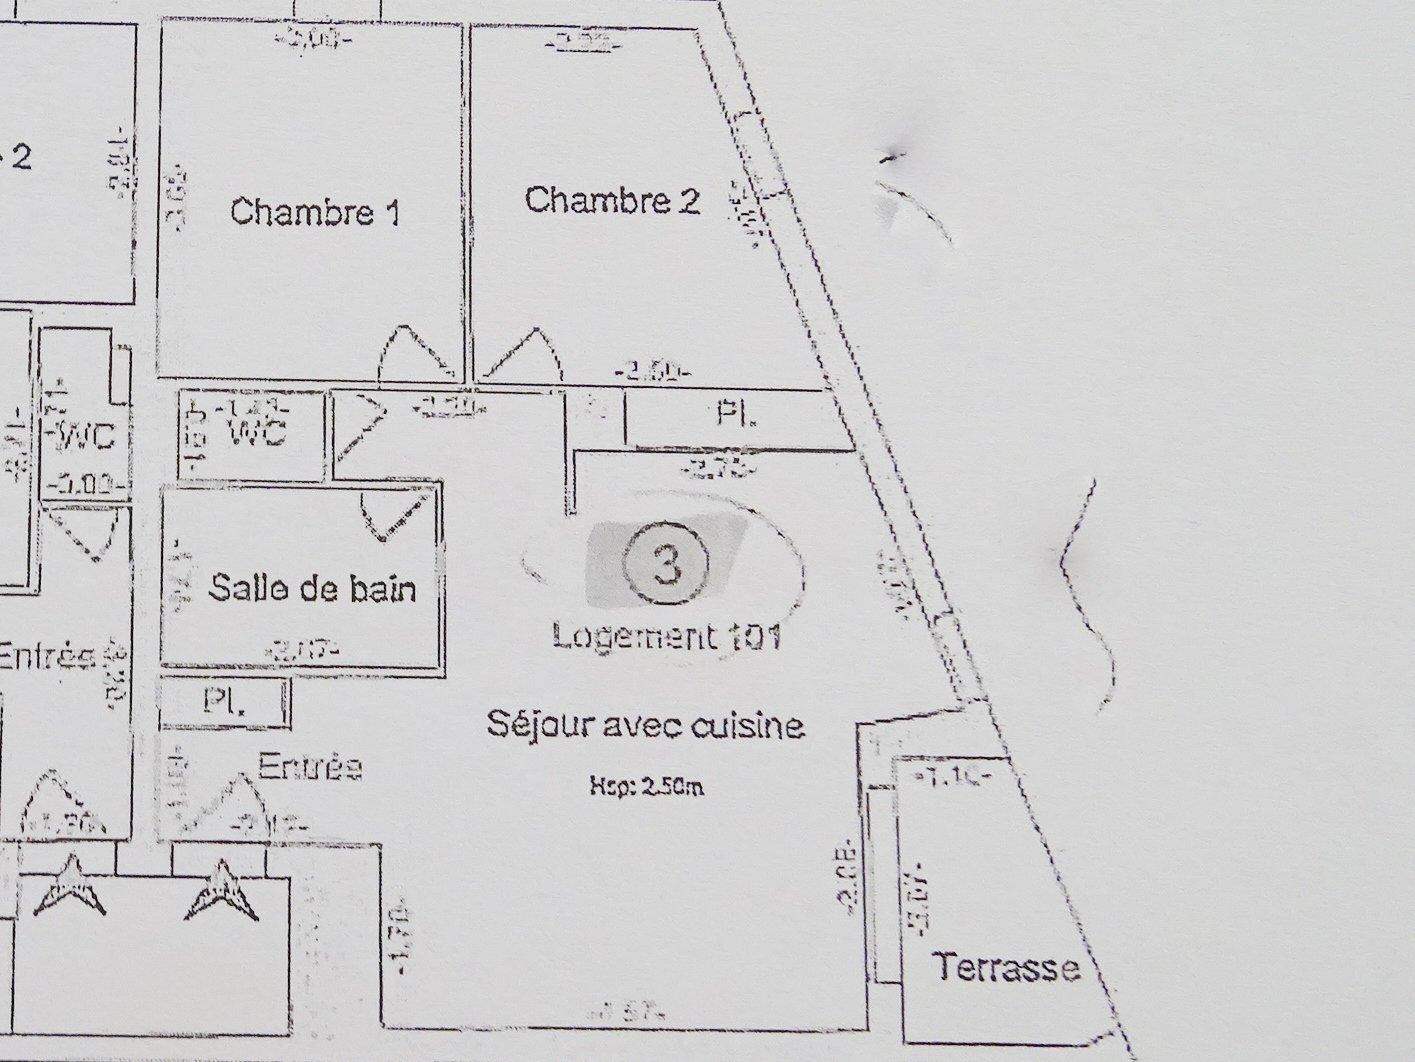 NOUVEAUTE EN EXCLUSIVITE : Construite en 2013, cette petite copropriété est composée de seulement 4 T3. Elle offre au 1er étage cet agréable appartement avec sa petit terrasse. Après l'entrée et son placard vous découvrirez une cuisine aménagée ouverte sur le séjour, 2 chambres dont une avec un grand placard intégré, une salle de bains et des WC indépendants. Cet appartement en excellent état est vendu avec une place de parking. Stationnement facile et gratuit à grande proximité. Situé au calme. A voir.  Bien soumis au régime de la copropriété. Charges courantes mensuelle d'environ 48 ?. 4 lots dans la résidence.